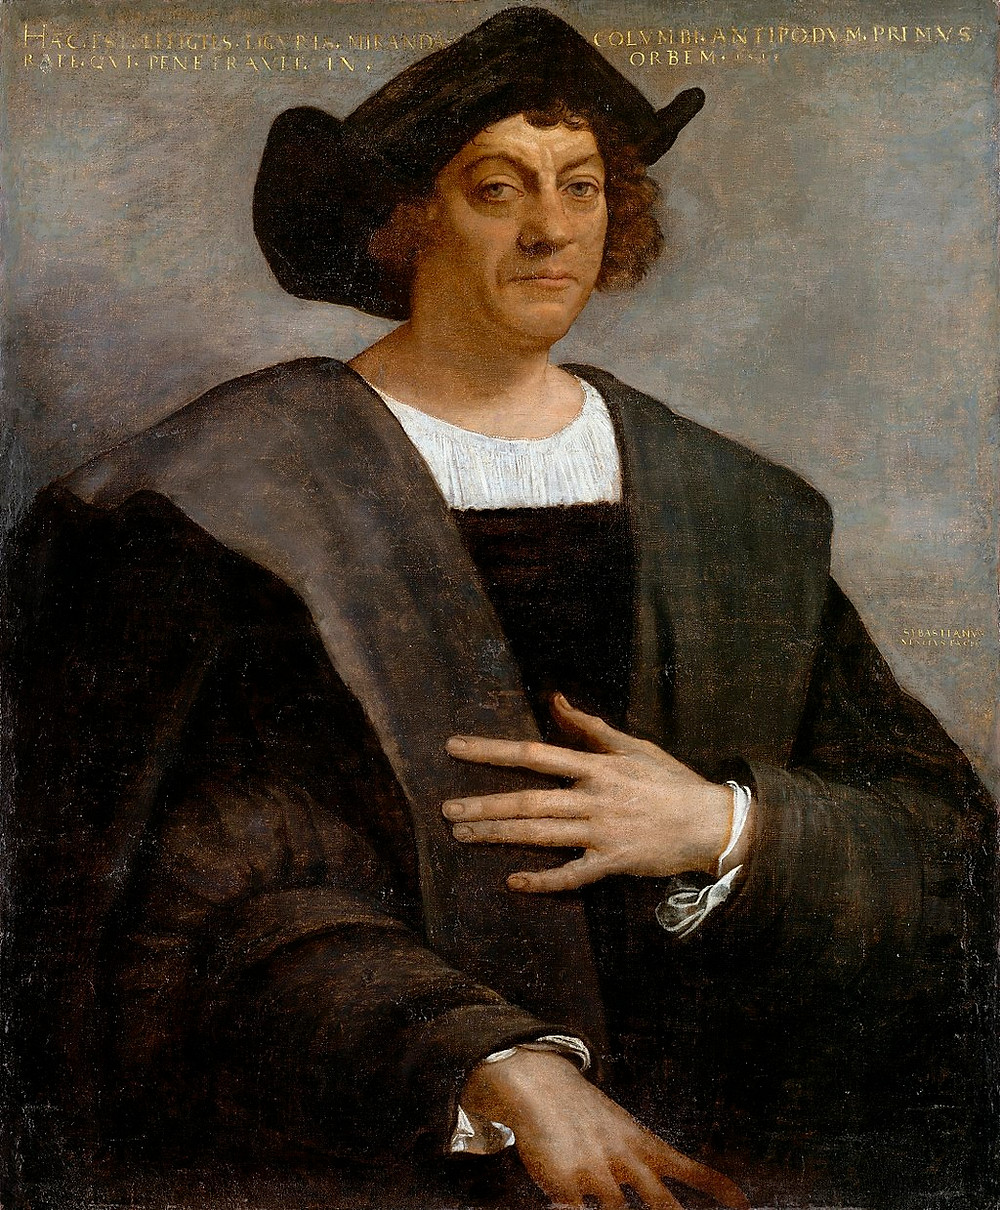 克里斯多福·哥倫布 - 皮永博於1519年所作的哥倫布生後肖像